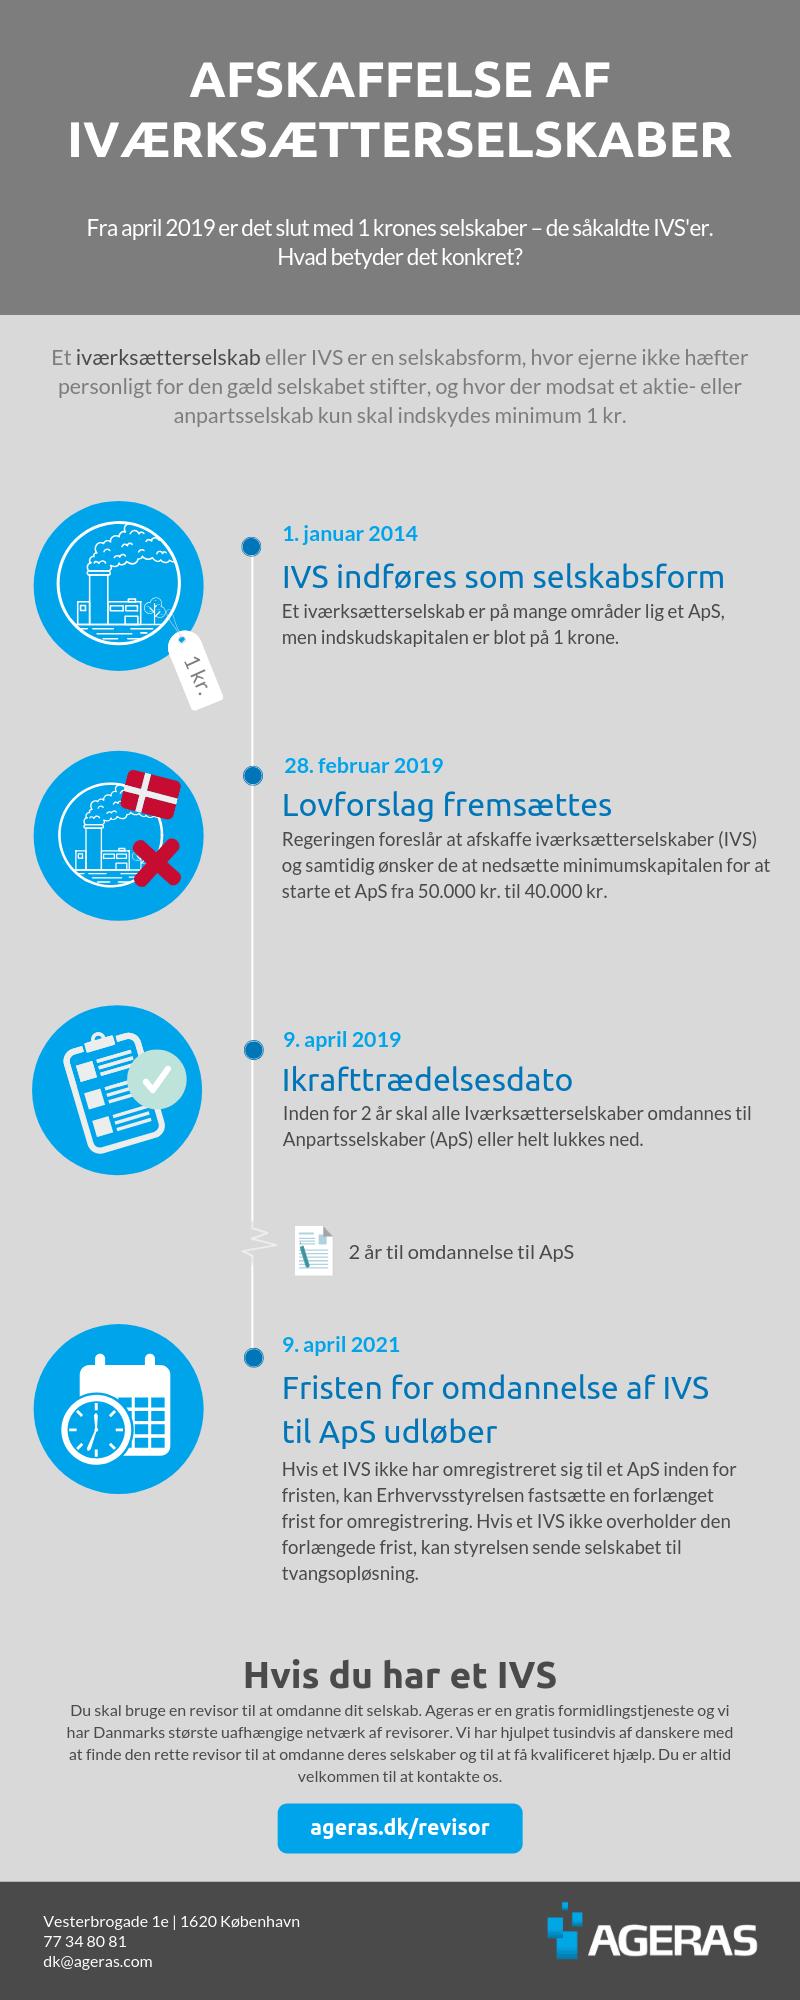 Afskaffelse-af-IVS-Infographic-2019